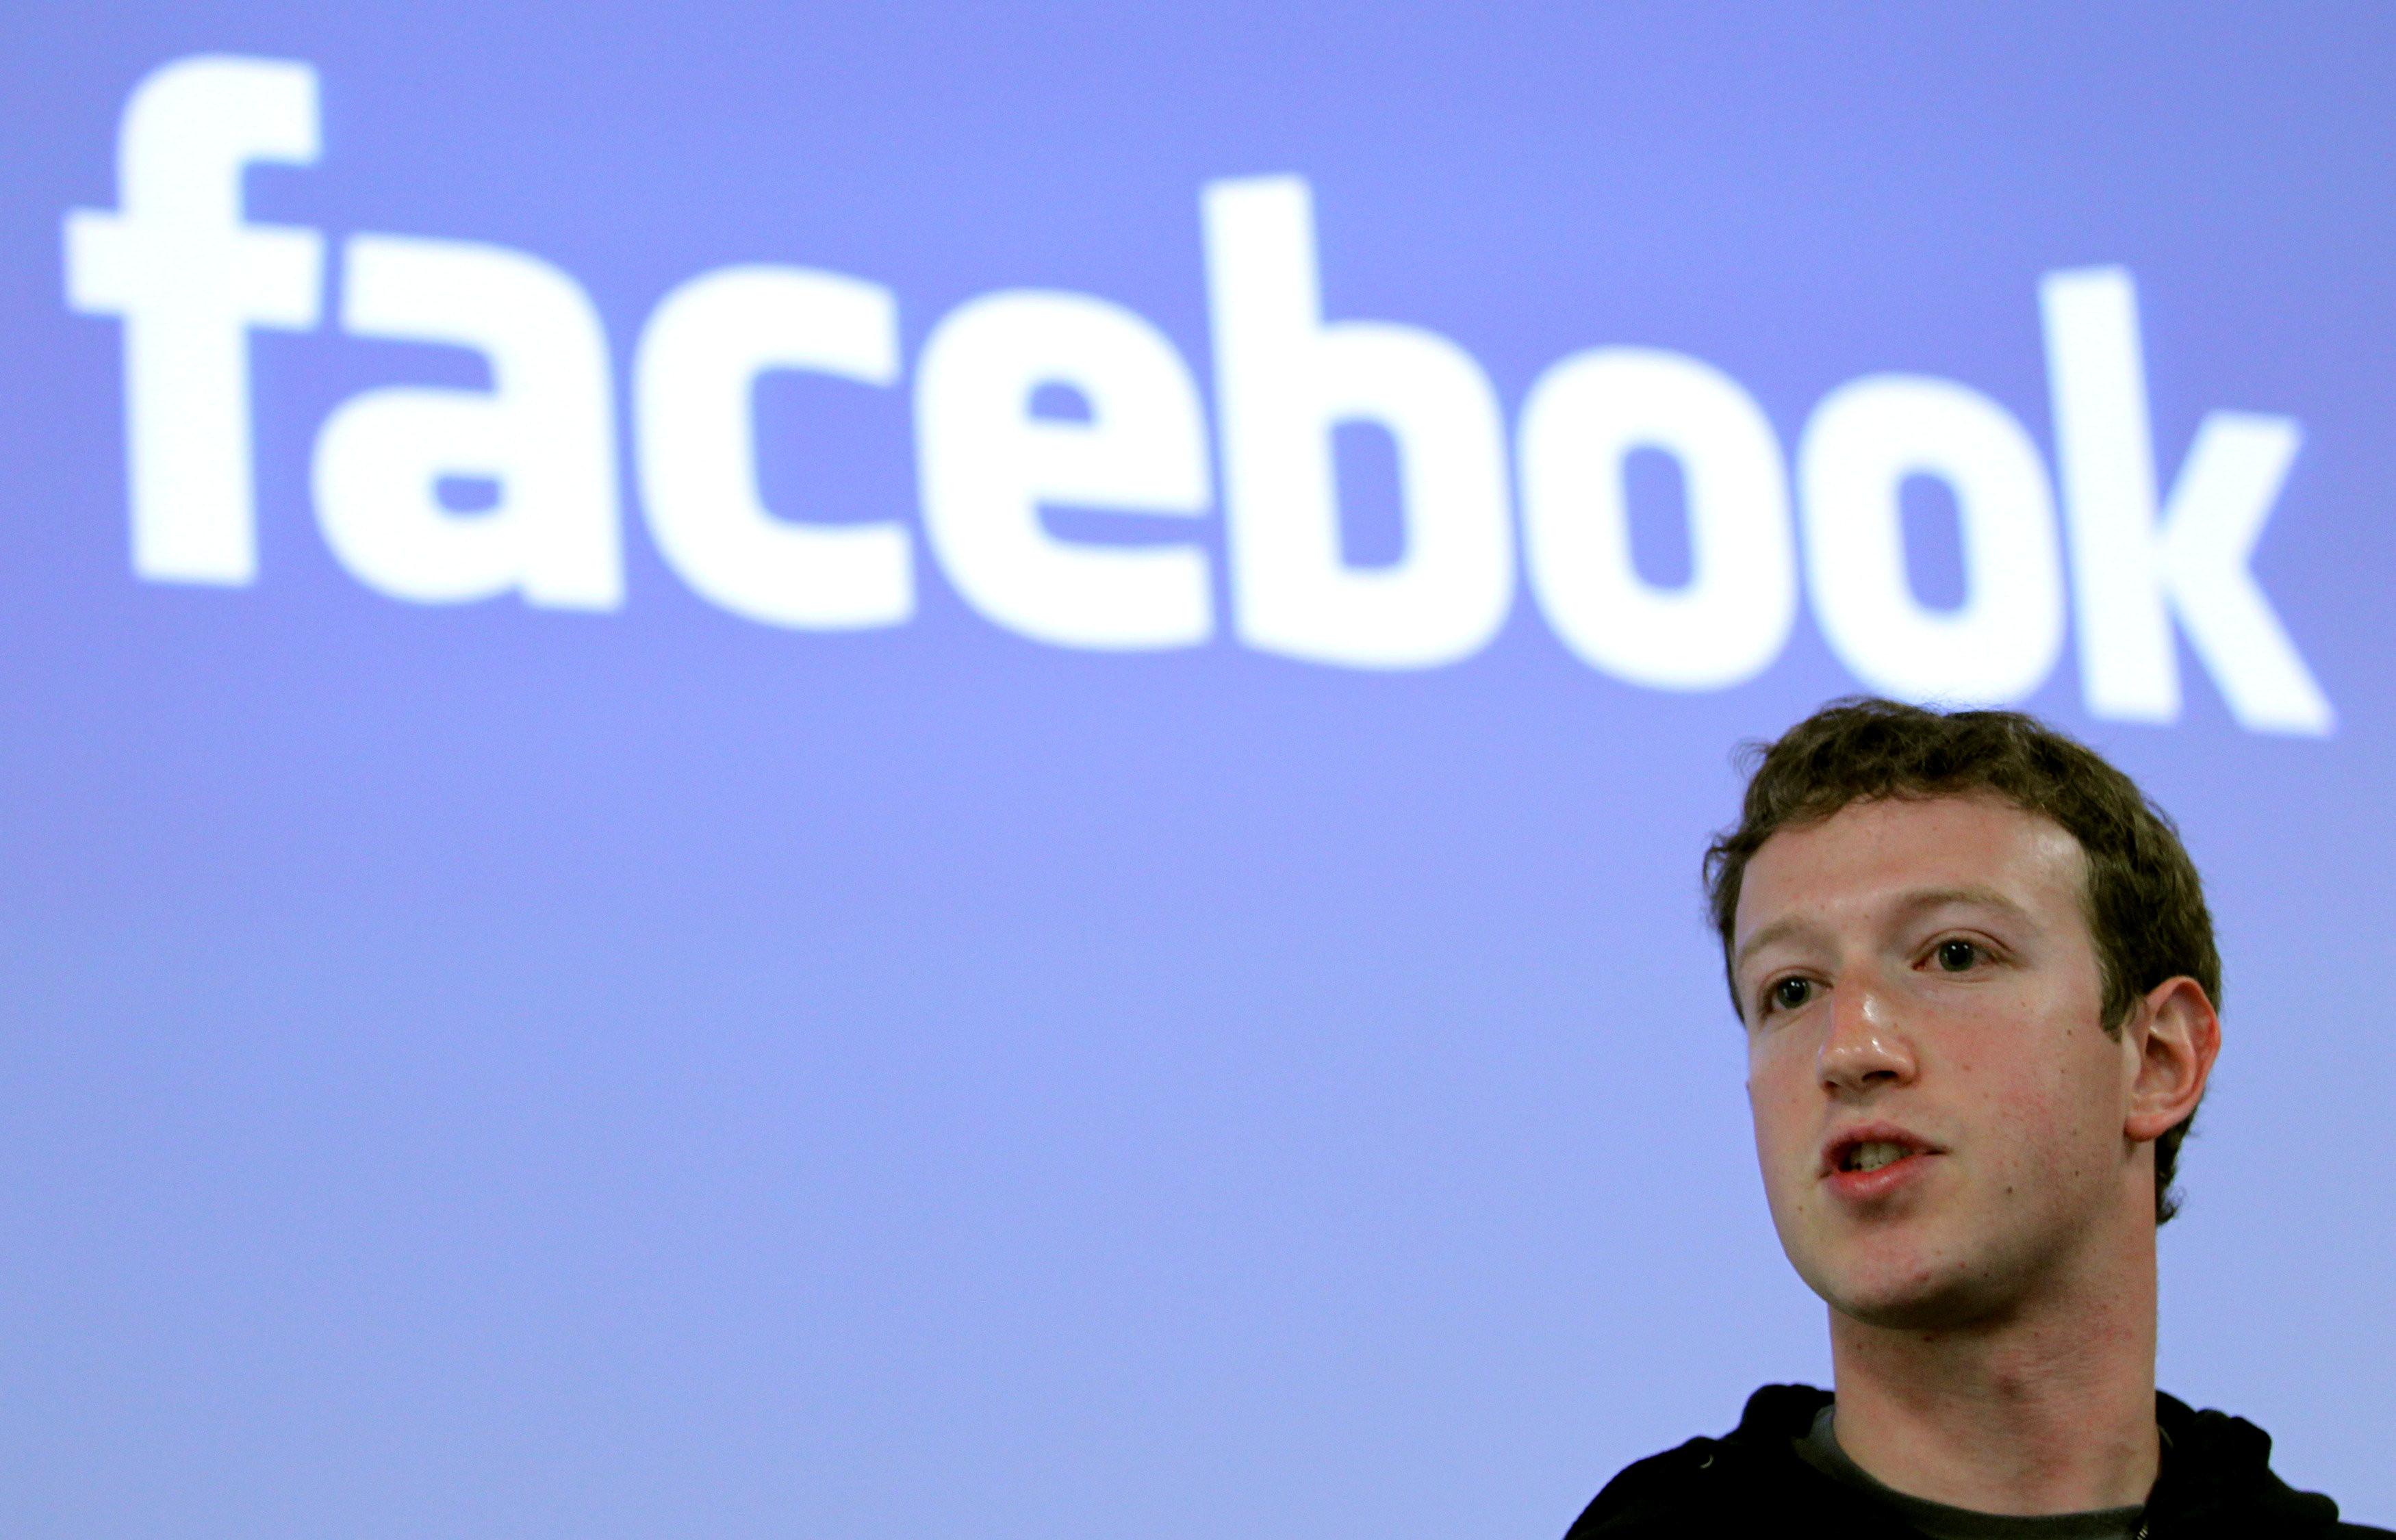 ▲臉書執行長兼創辦人祖克柏(Mark Zuckerberg)。(圖/路透社)